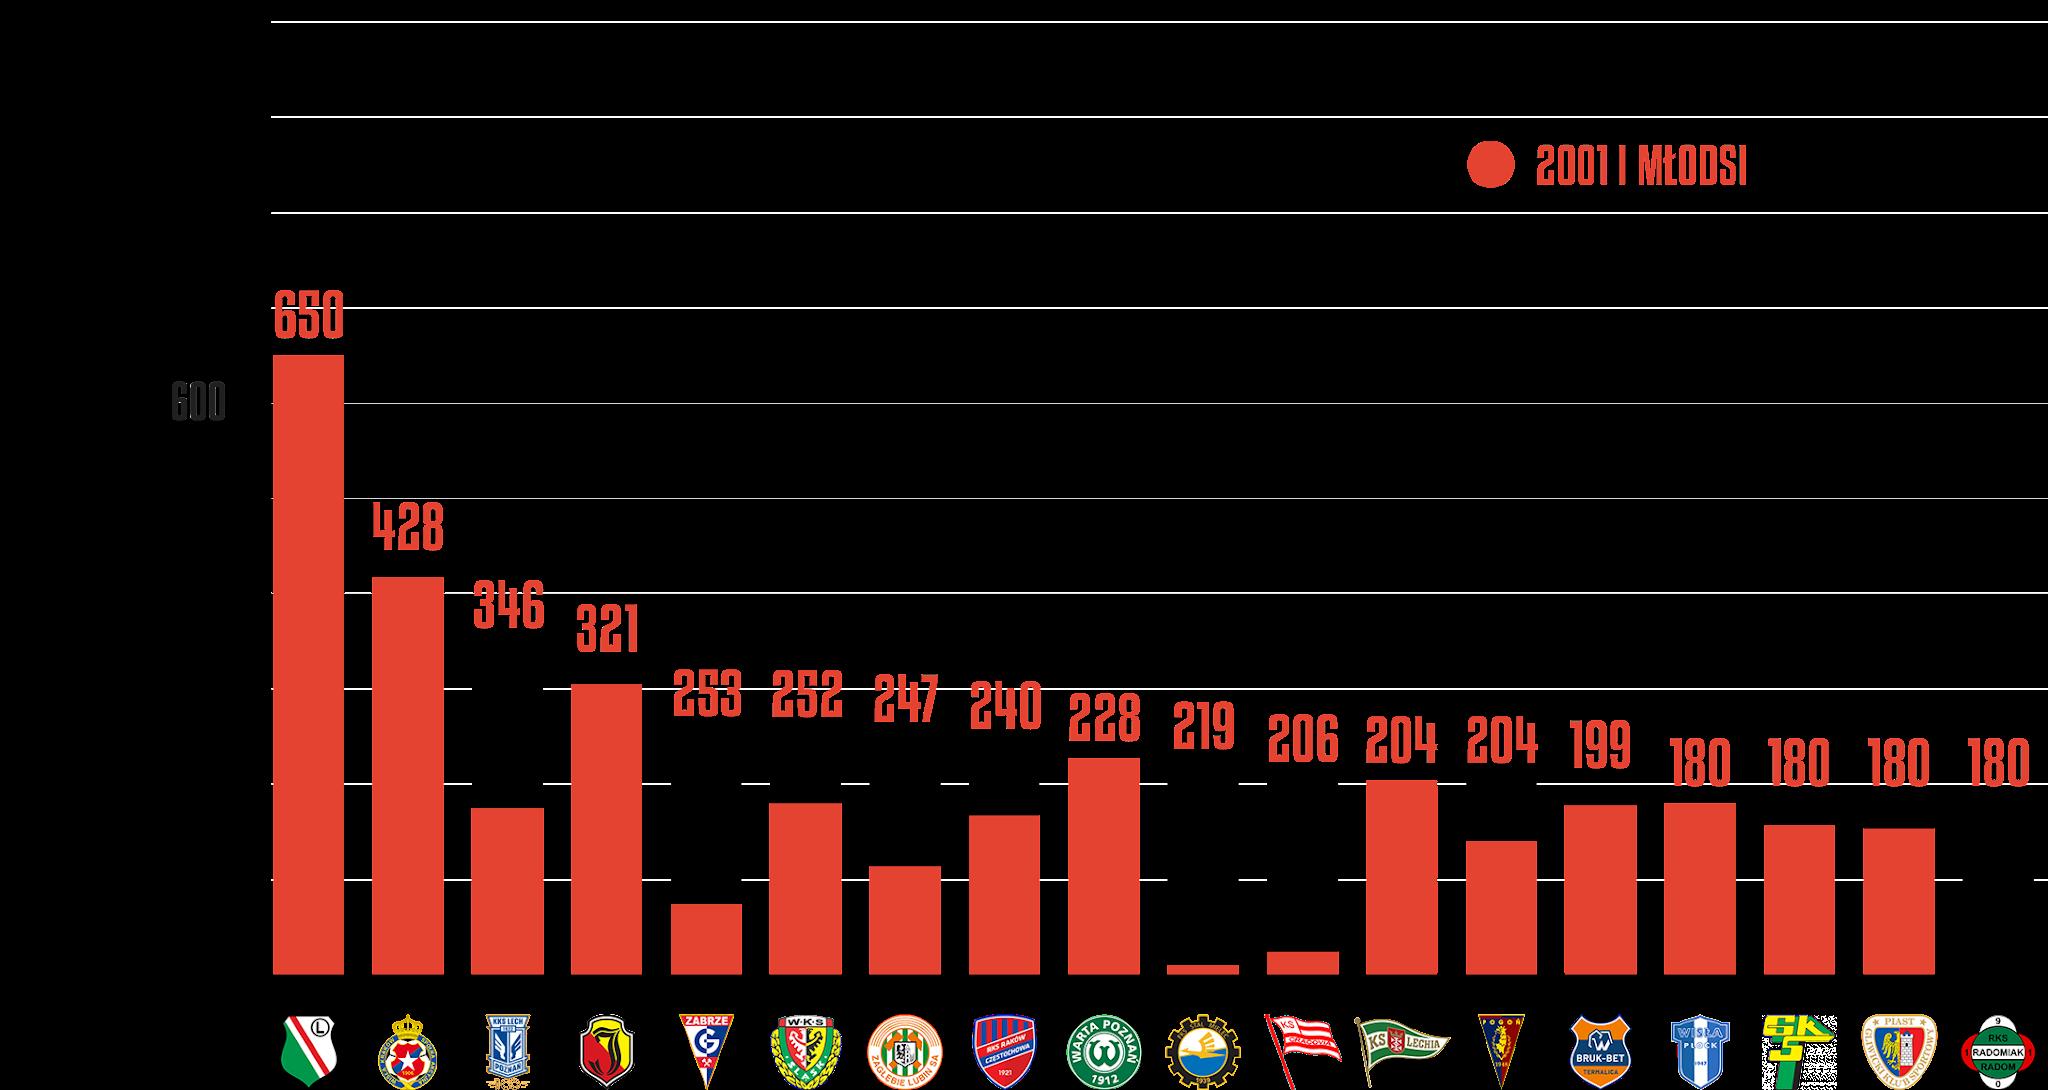 Klasyfikacja klubów pod względem rozegranego czasu przez młodzieżowców po 2.kolejce PKO Ekstraklasy<br><br>Źródło: Opracowanie własne na podstawie ekstrastats.pl<br><br>graf. Bartosz Urban